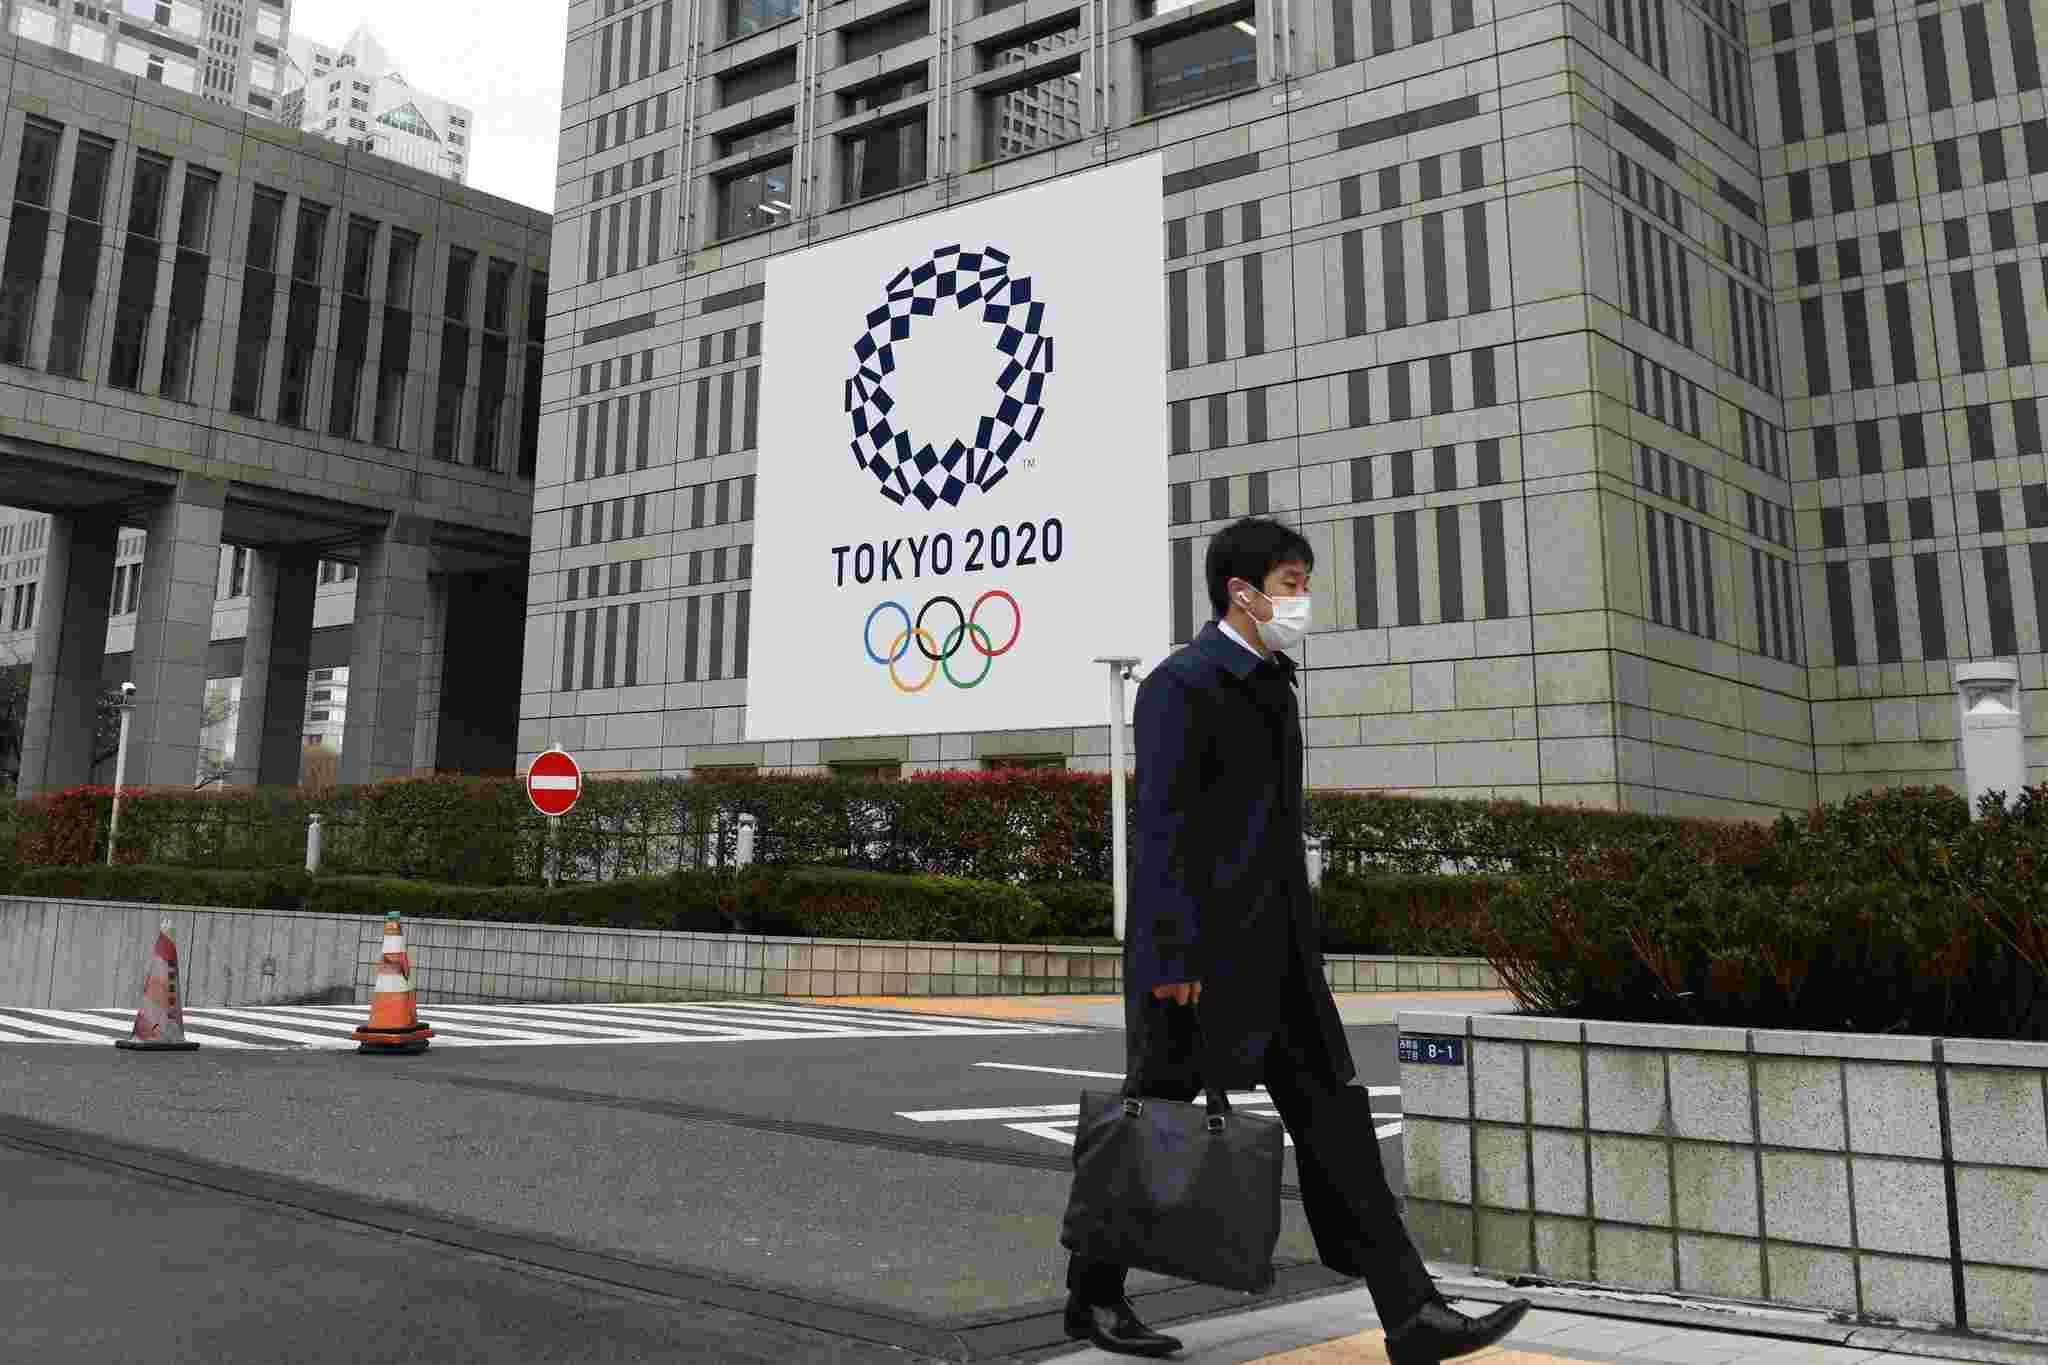 终于定了!东京奥运会将延期一年举办